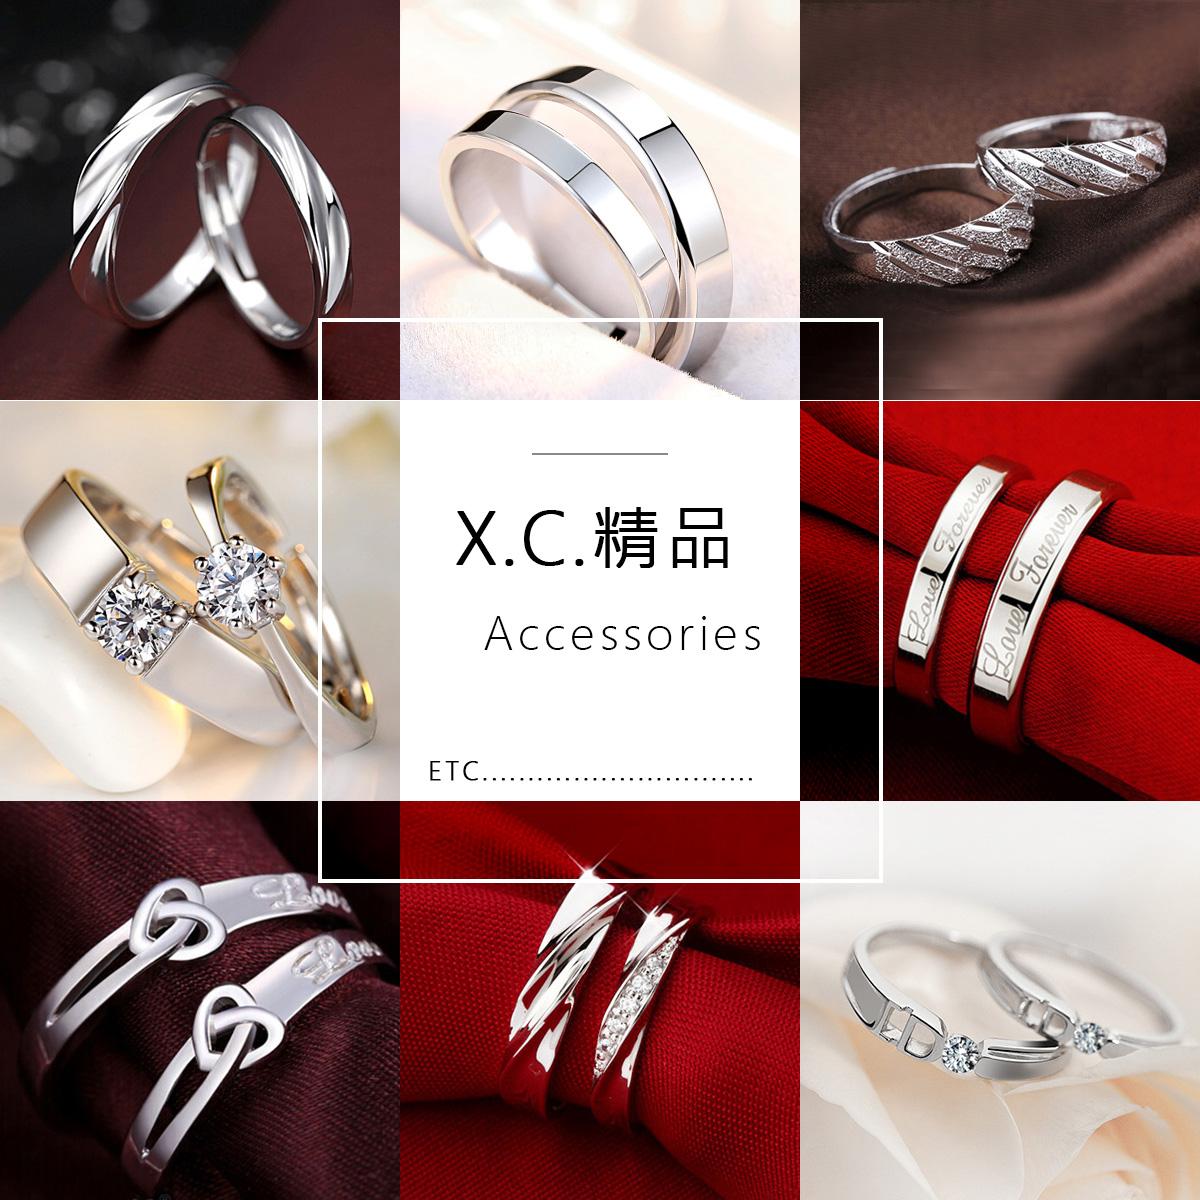 光面银戒子男女情侣戒指仿真钻石饰品结婚对戒一对活口